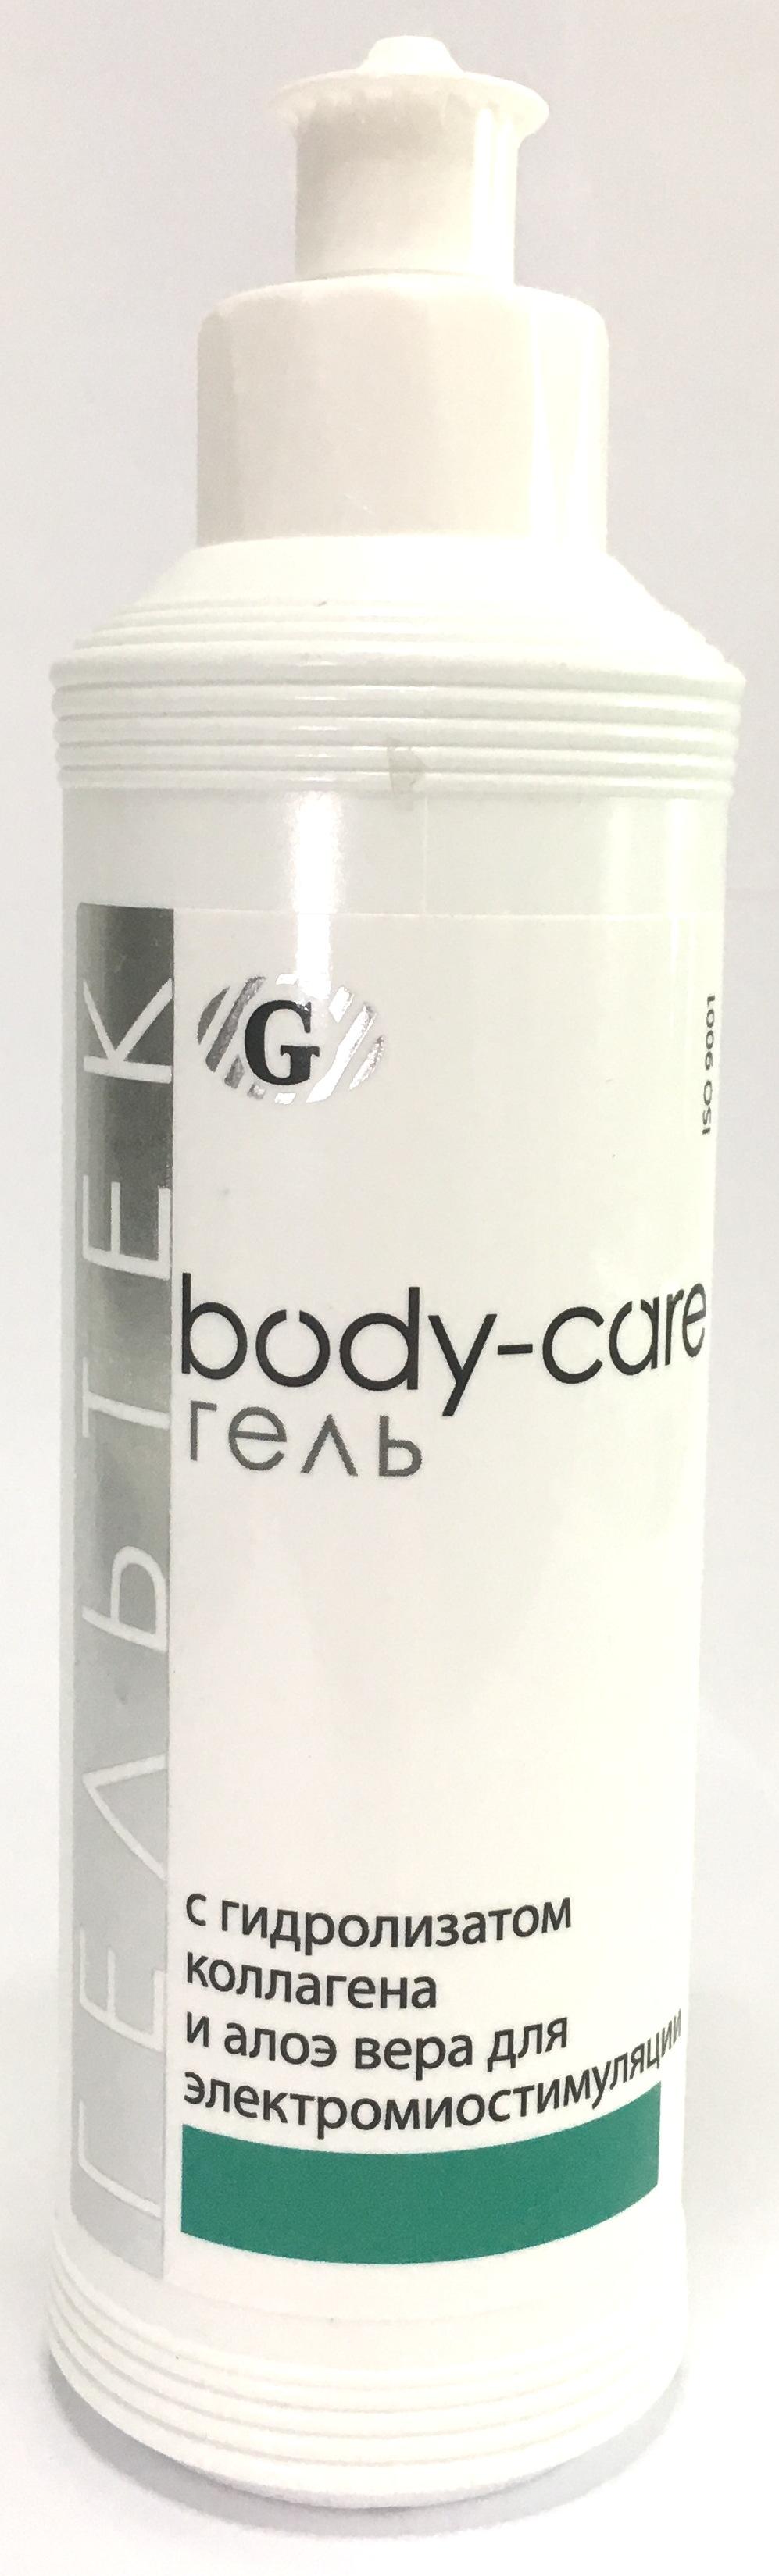 Гельтек гель косметический контактный с гидролизатом коллагена и алоэ вера для эмс / body 250 г